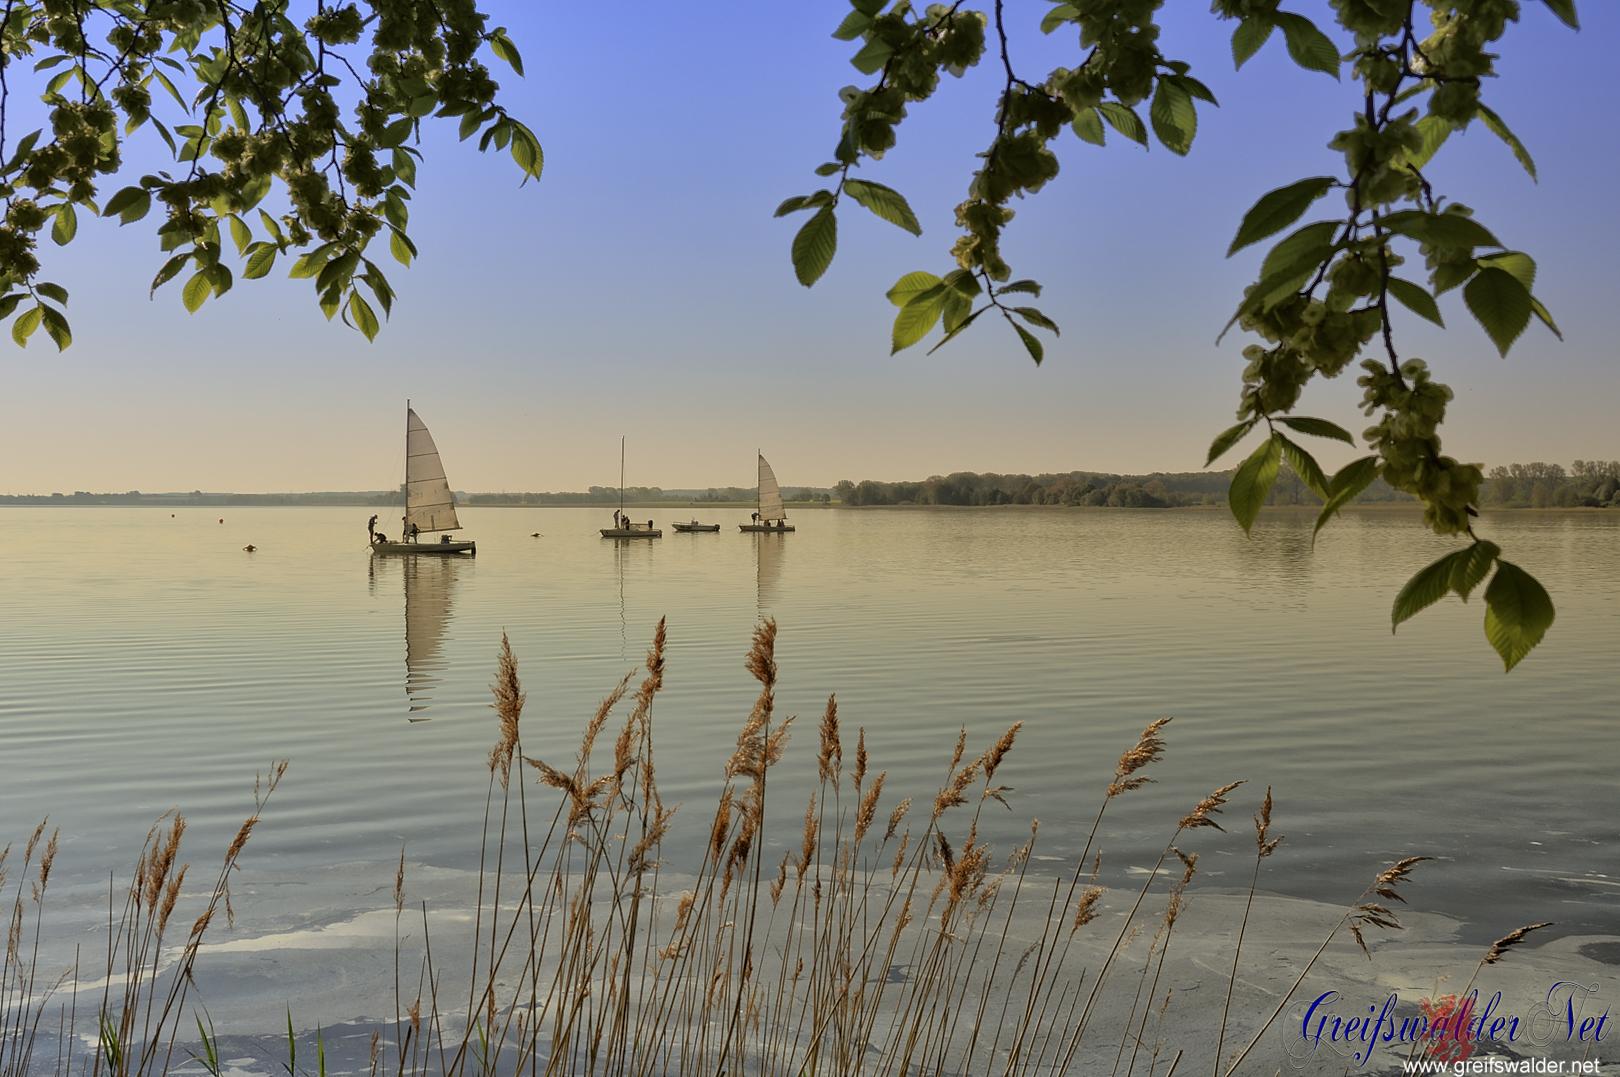 Segelboote auf der Dänischen Wiek in Greifswald-Wieck